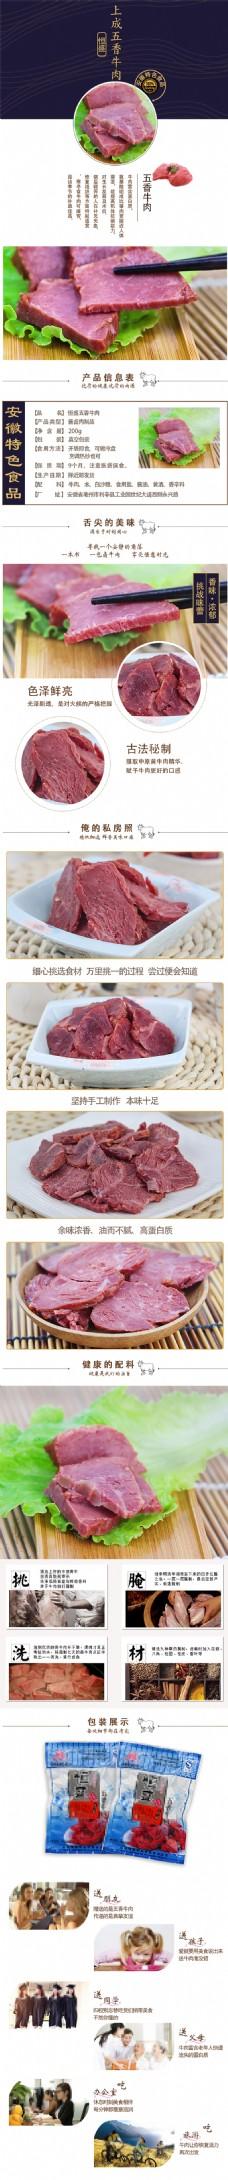 食品五香牛肉袋装